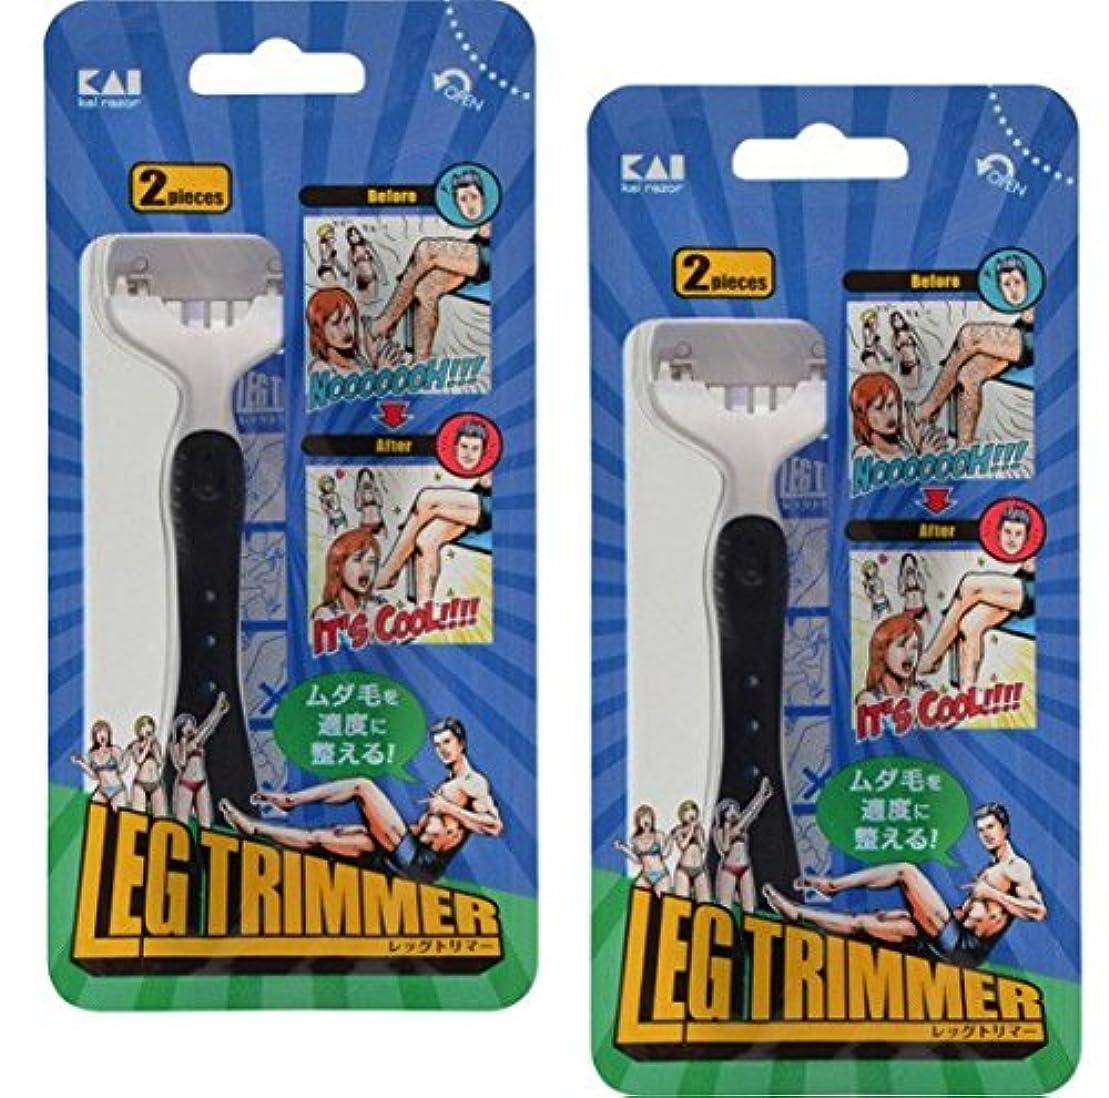 アンデス山脈ちょうつがい衣装LEG TRIMMER レッグトリマー (むだ毛を適度に整えるカミソリ)2本入 2セット